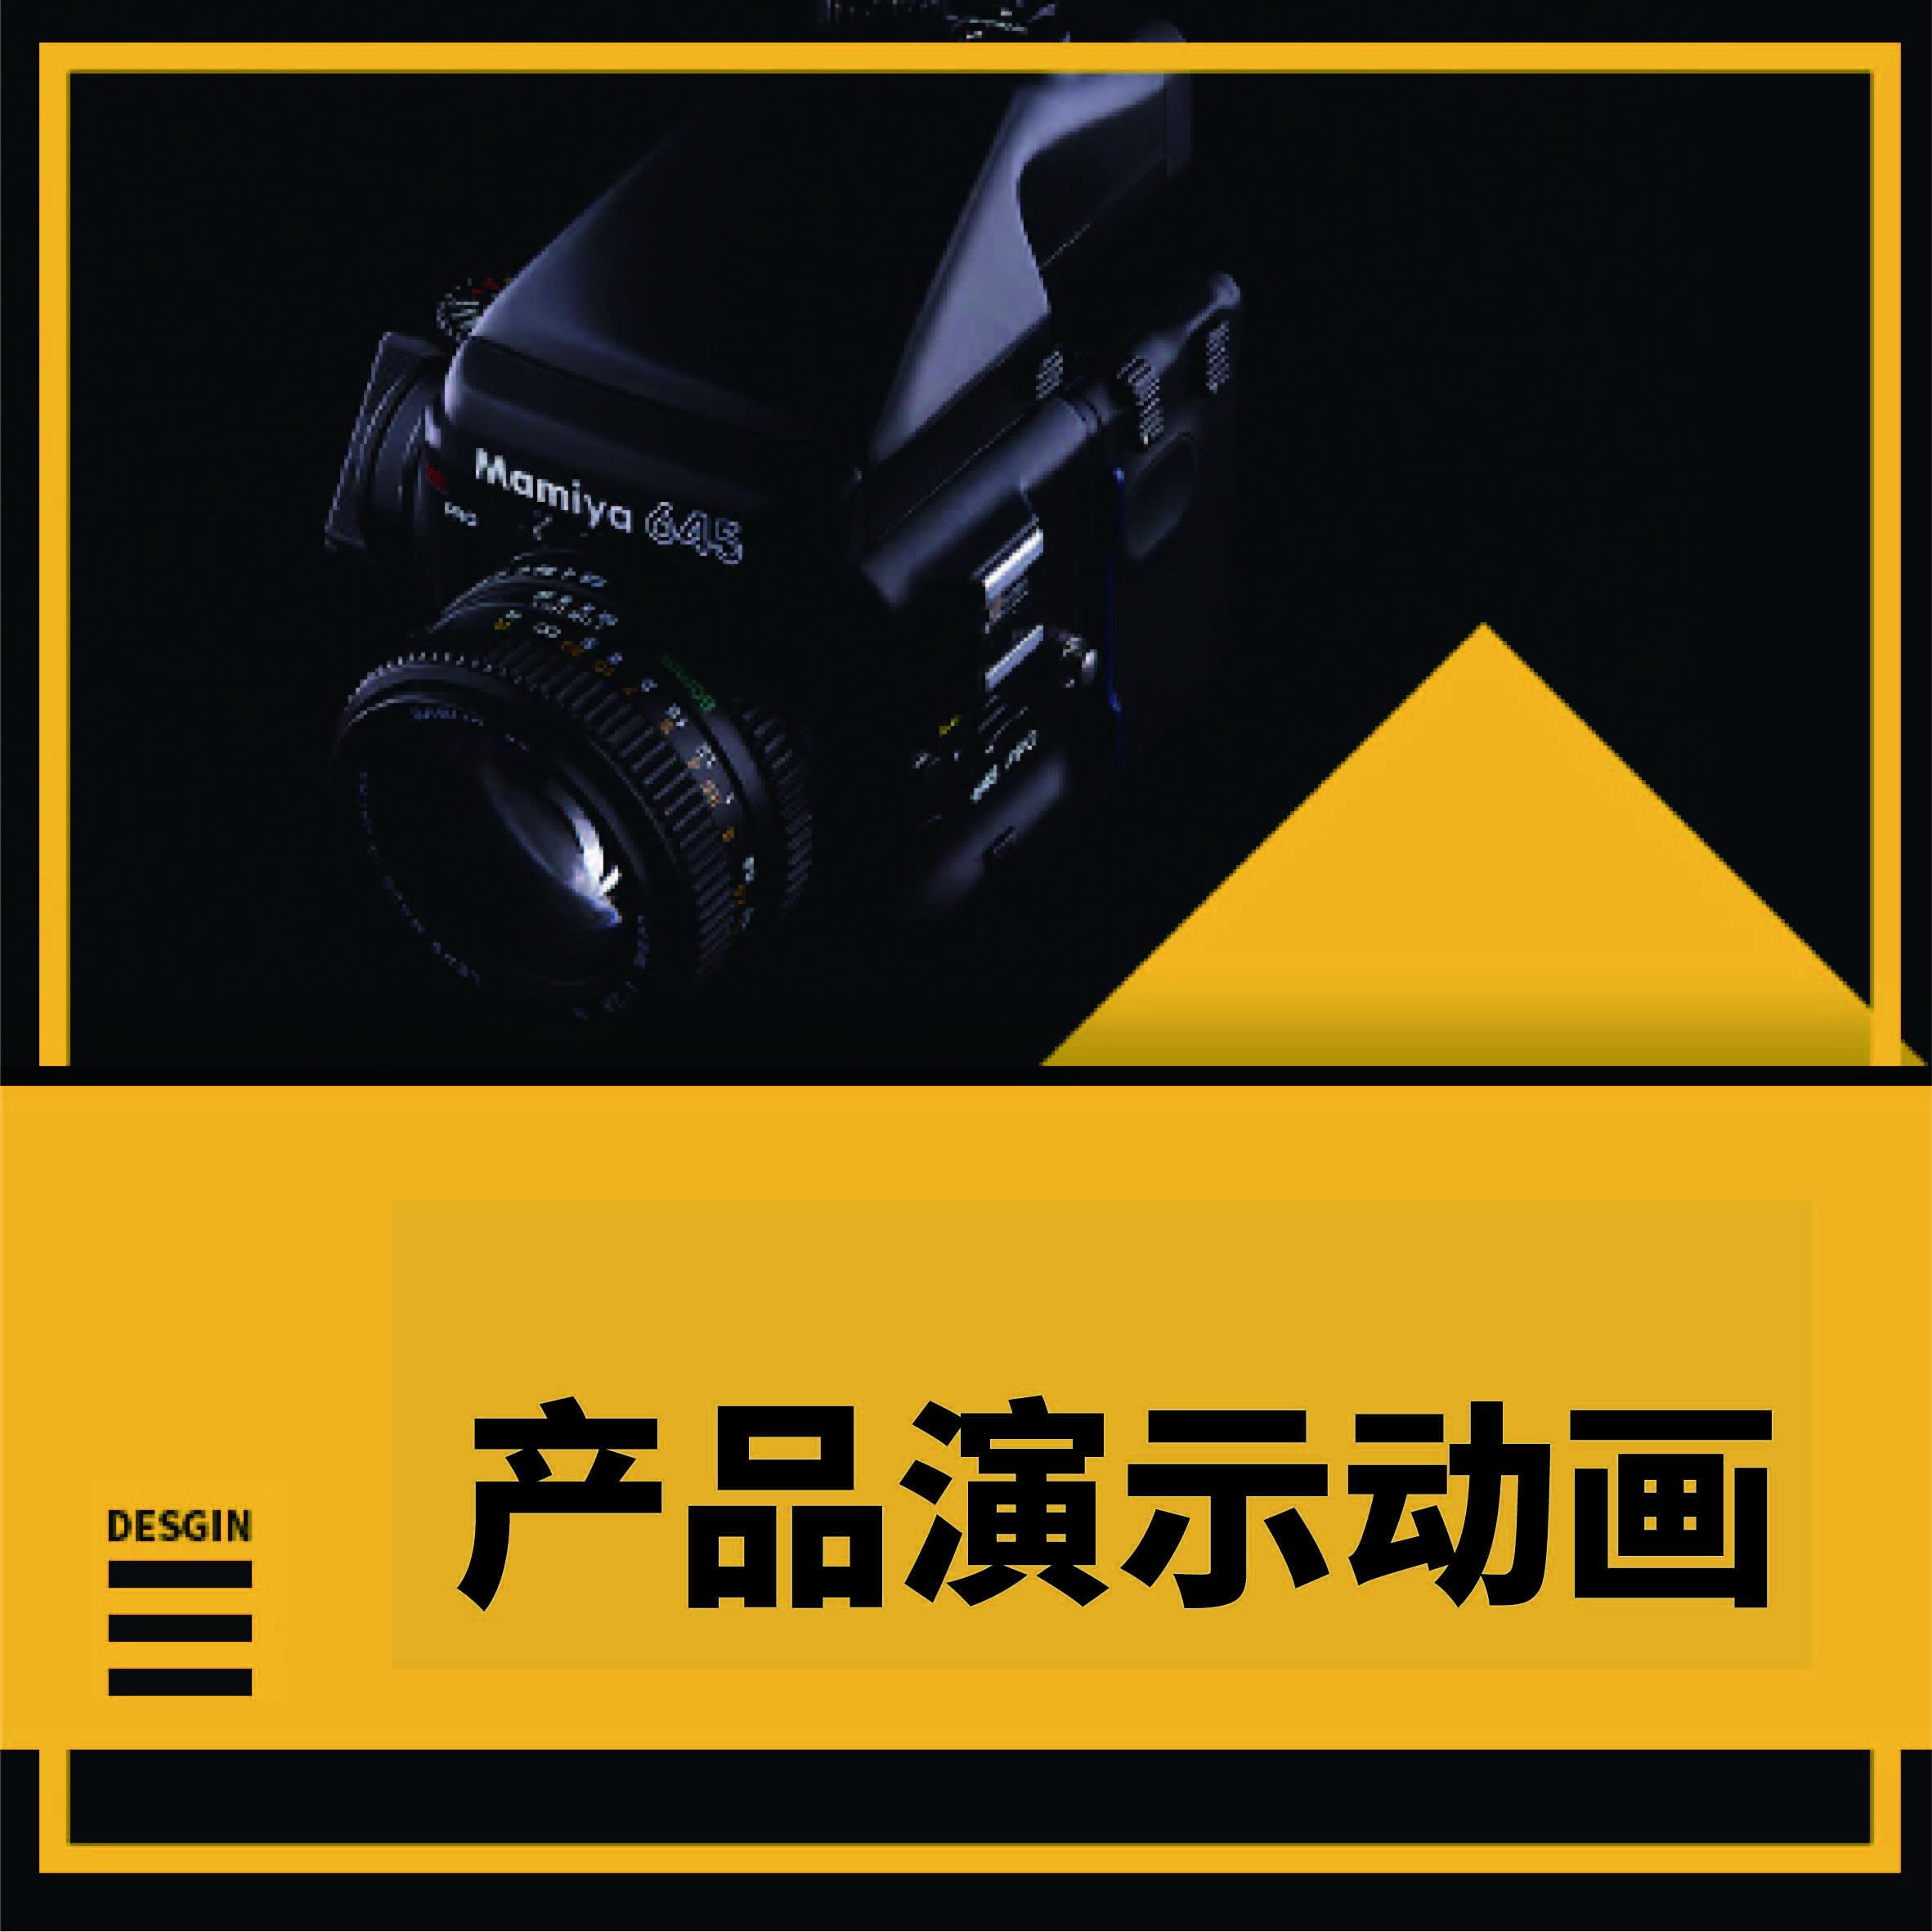 【产品演示动画】工业电子机械产品动画生产过程安装三维动画制作